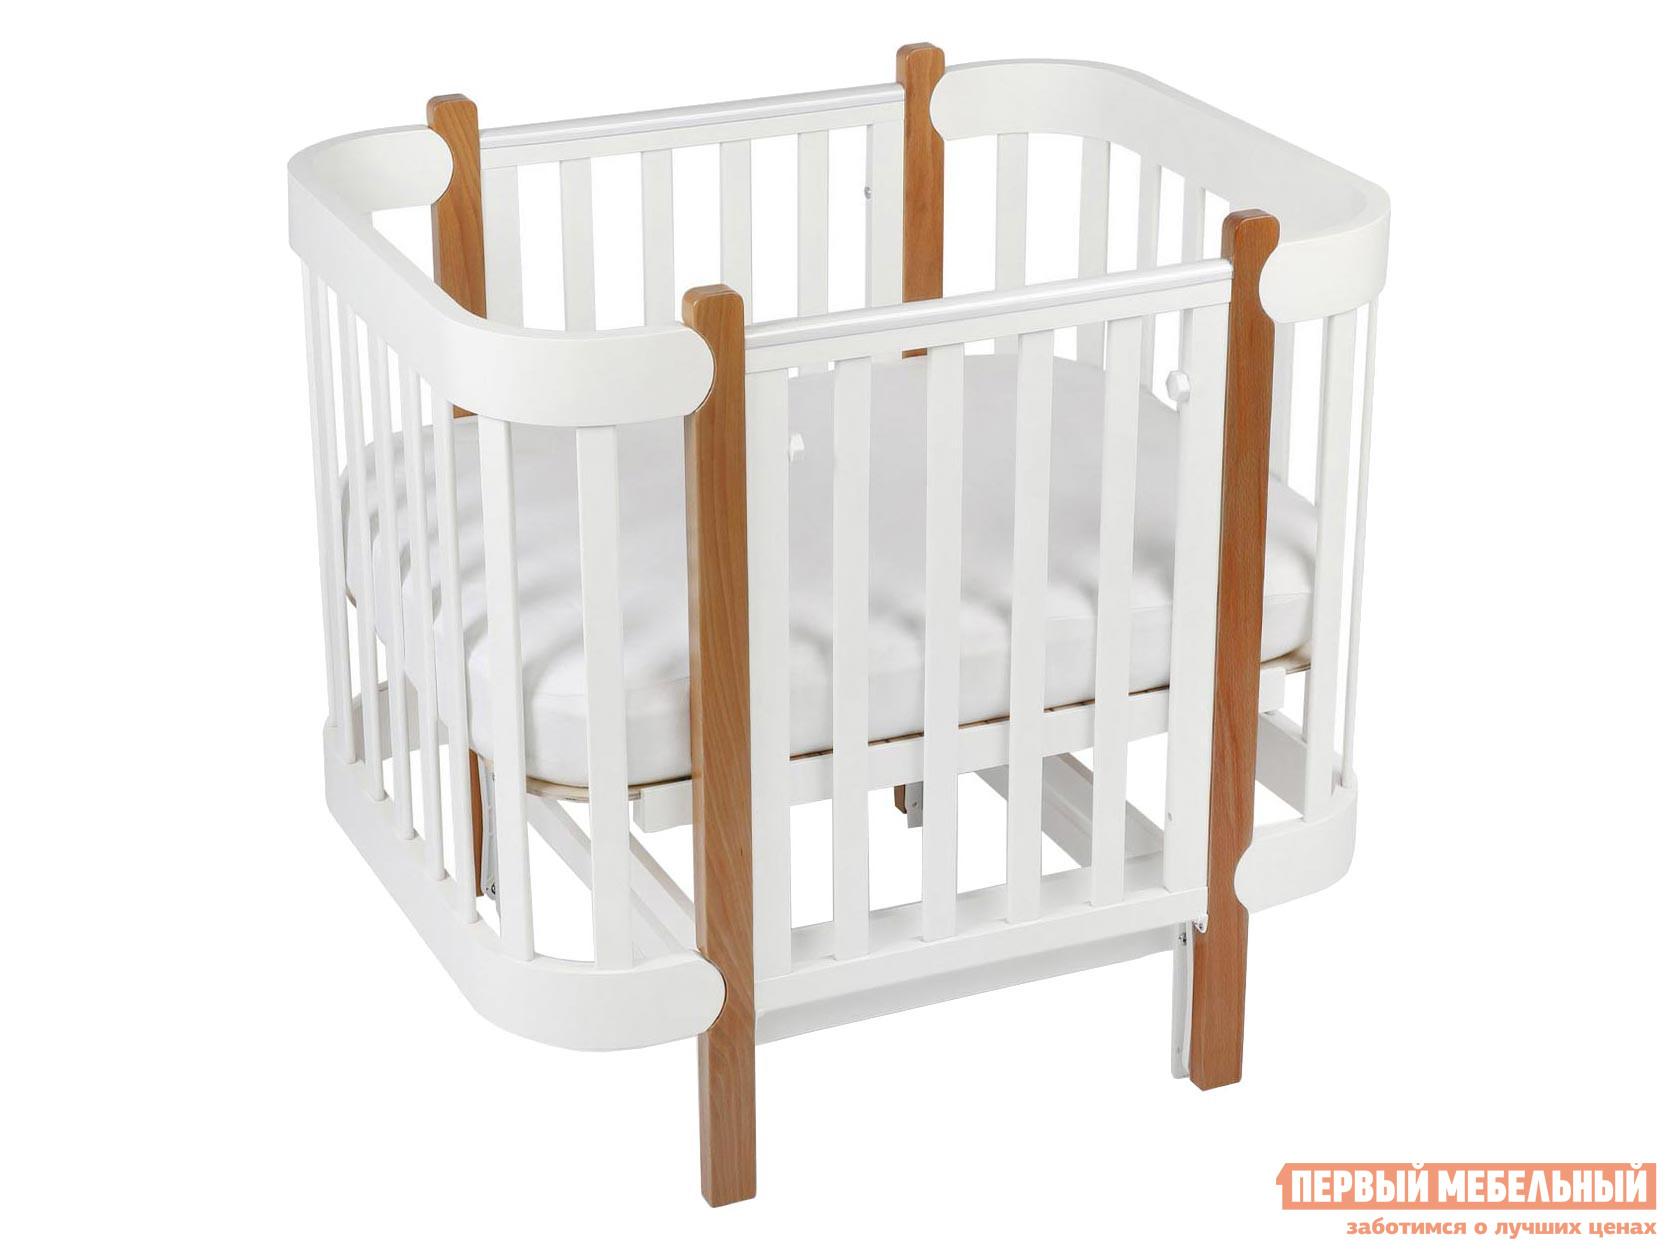 Детская кровать Опт-Юнион Кроватка-трансформер MOMMY LUX